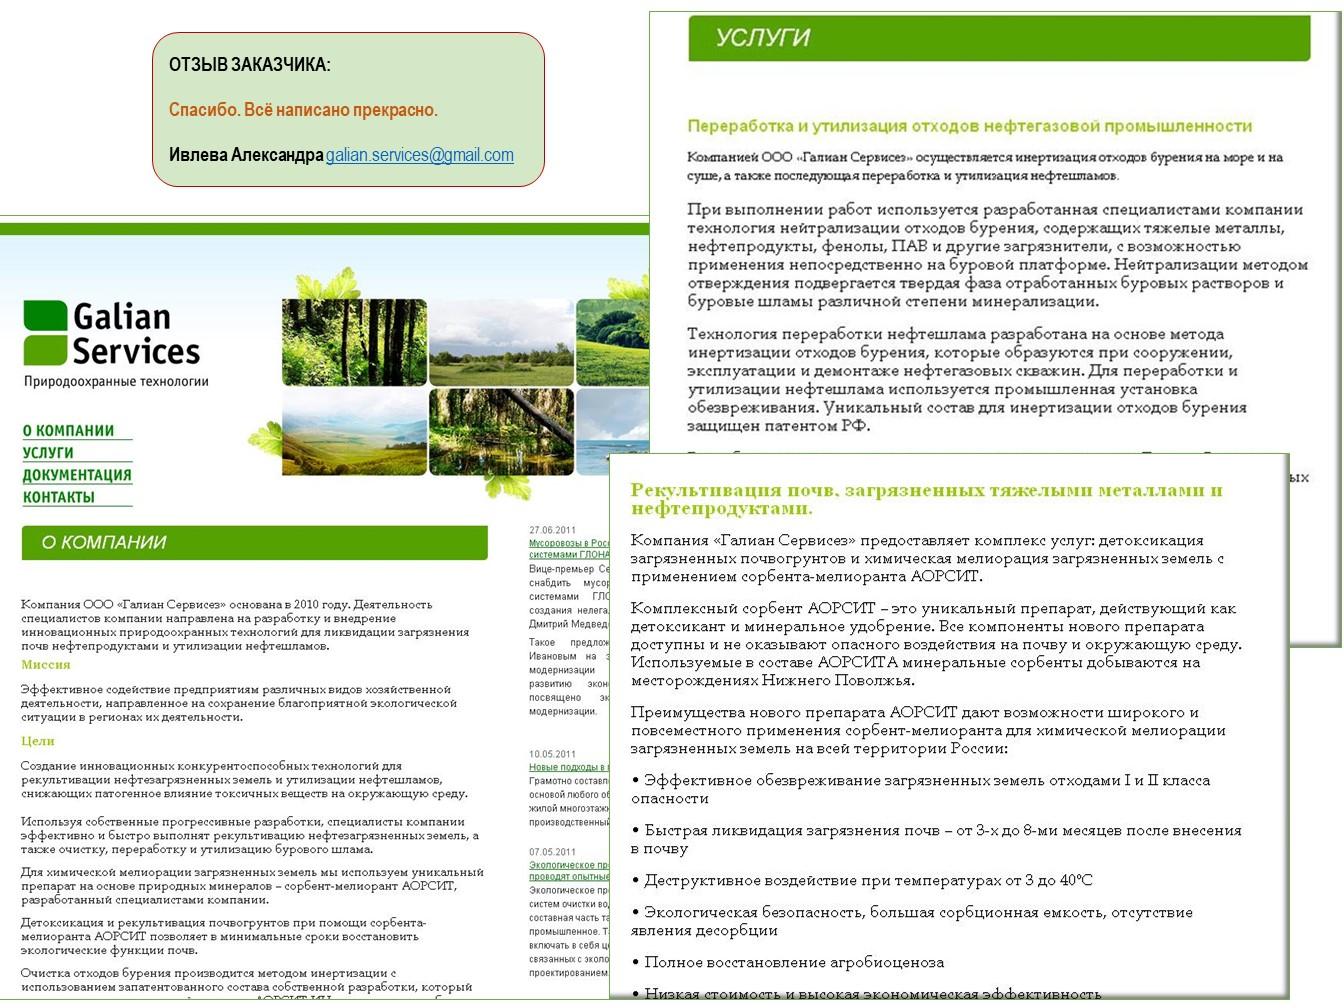 Природоохранные технологии: утилизация шламов, рекультивация.